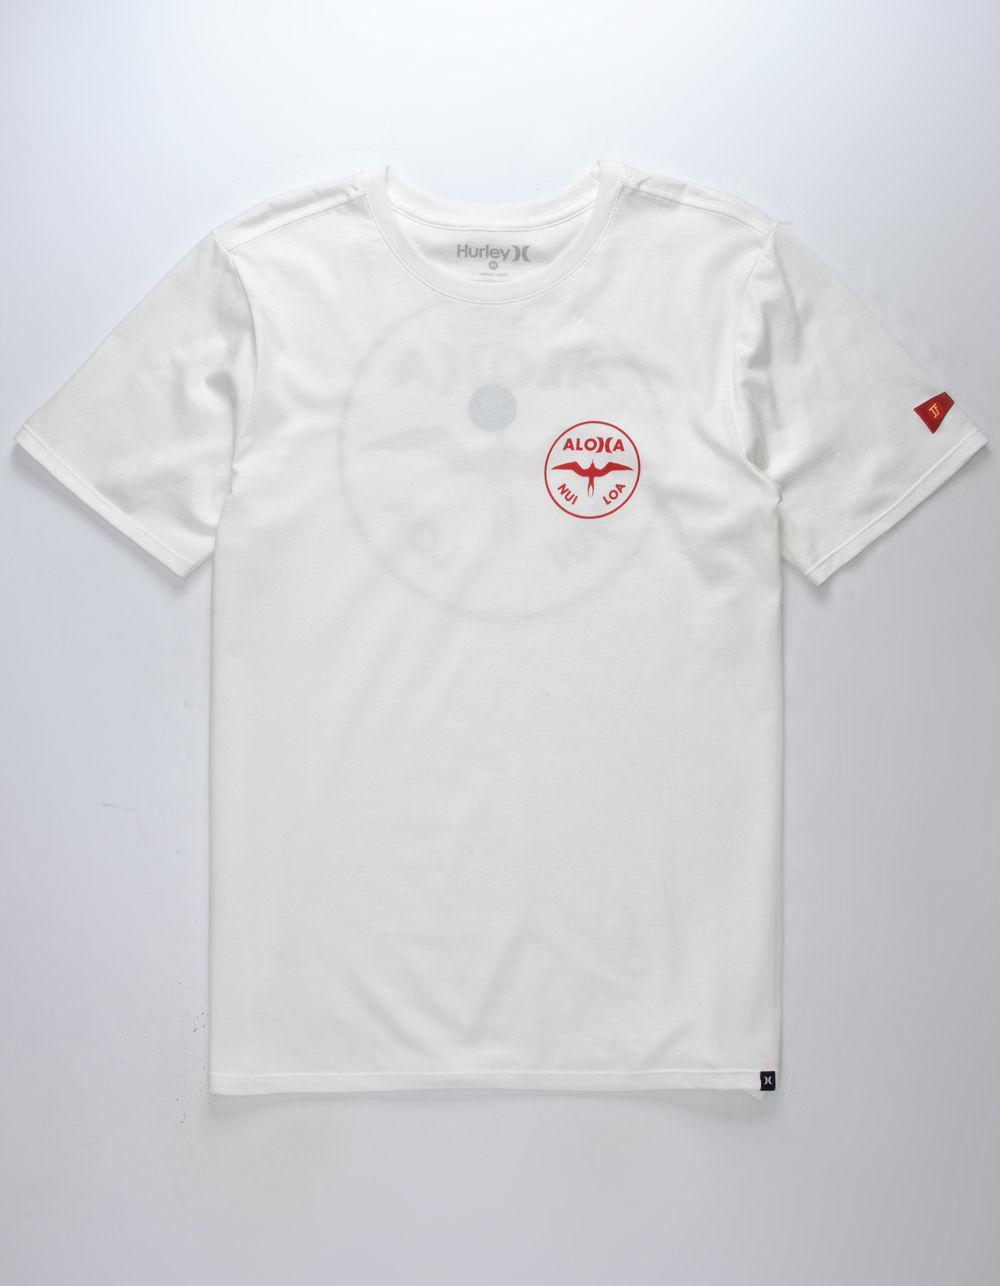 c798ffd25b Hurley White Jjf Aloha Mens T-shirt for men